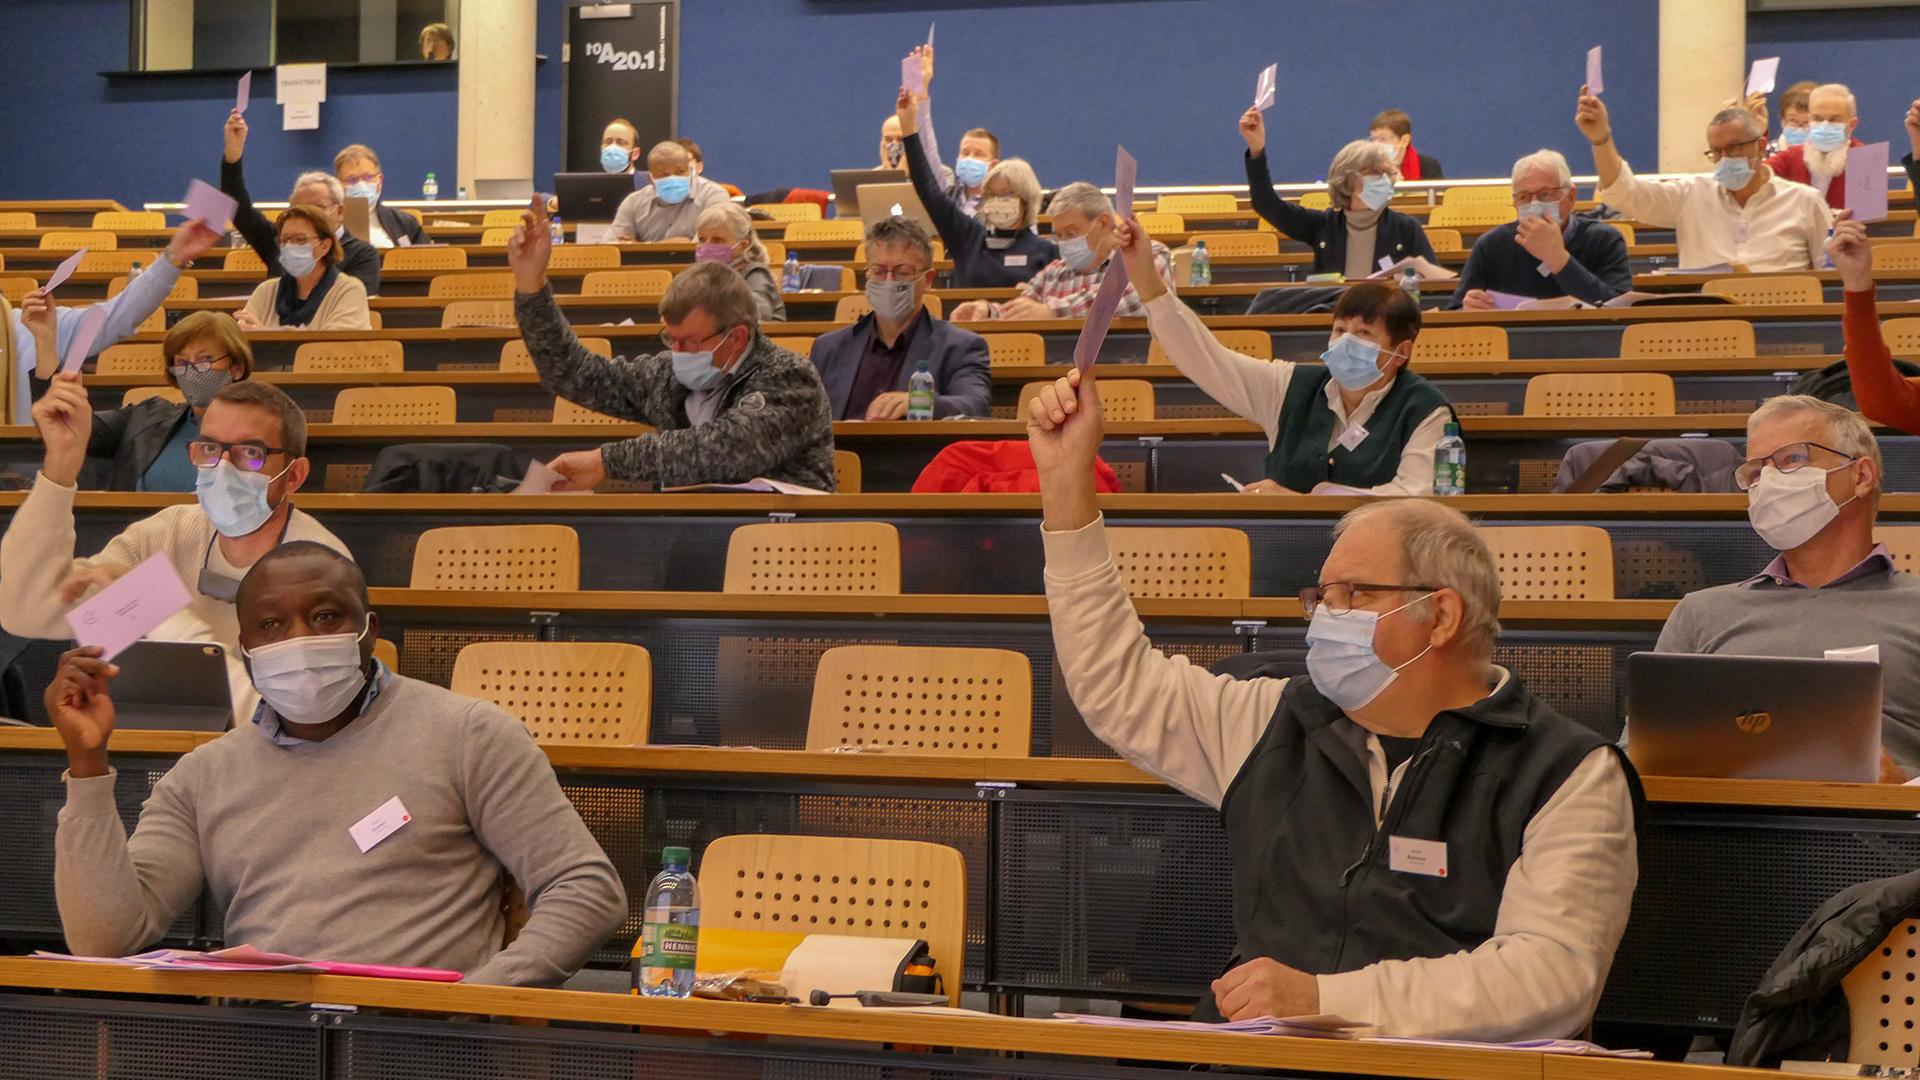 Réunis en assemblées le 12 décembre 2020, à Fribourg, les délégués de la Corporation ecclésiastique cantonale (CEC) et ceux de la Caisse de rémunération des ministères paroissiaux (CMP) ont approuvé leur budget 2021 respectif.